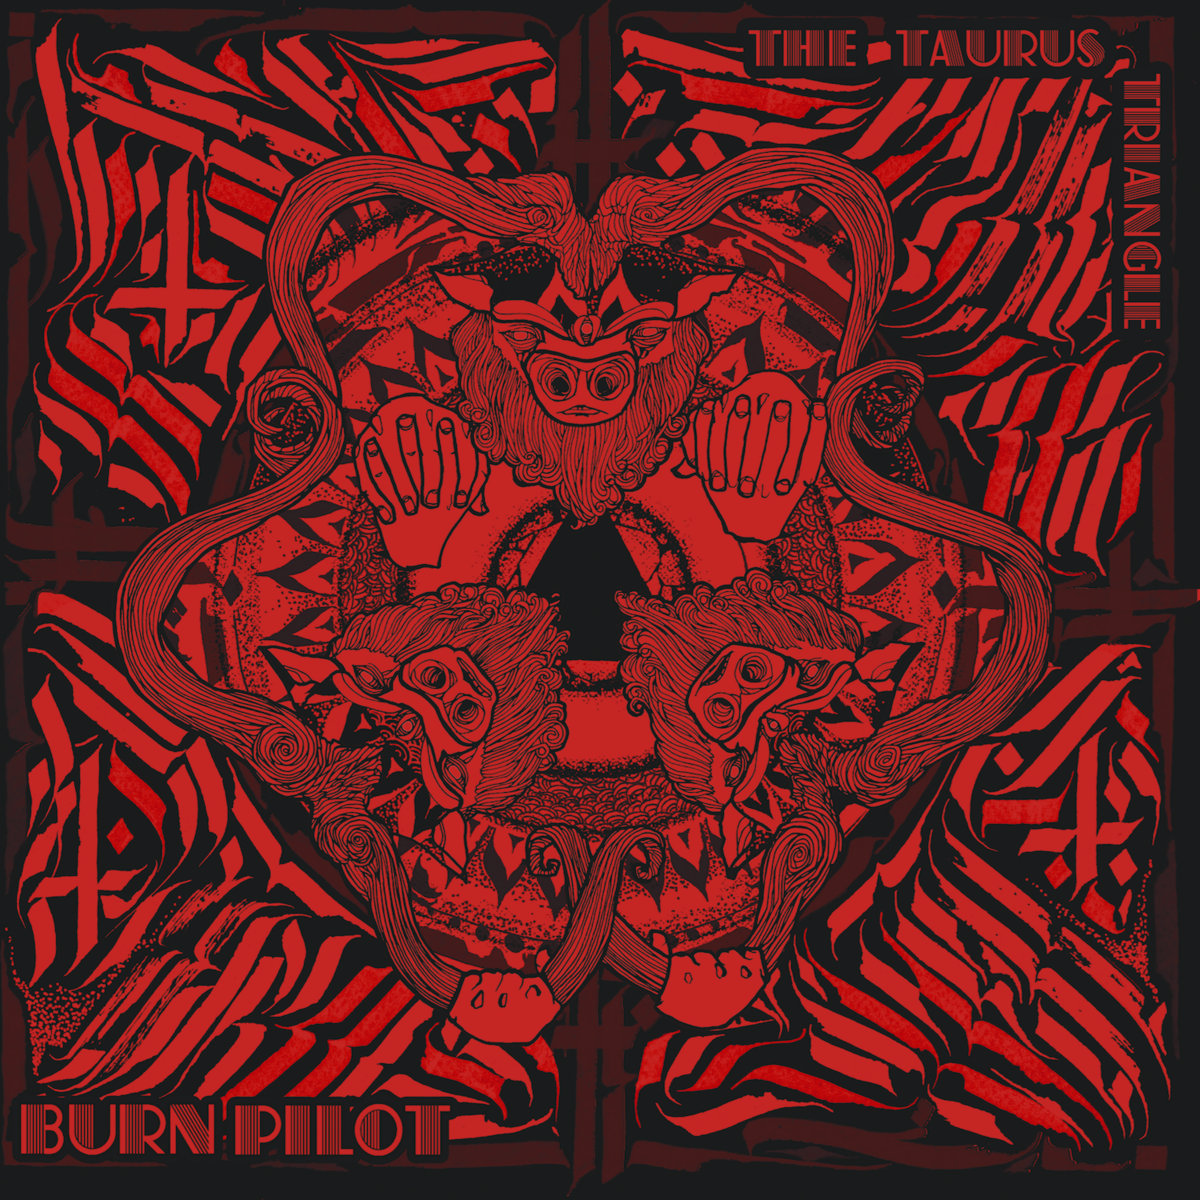 Burnpilot